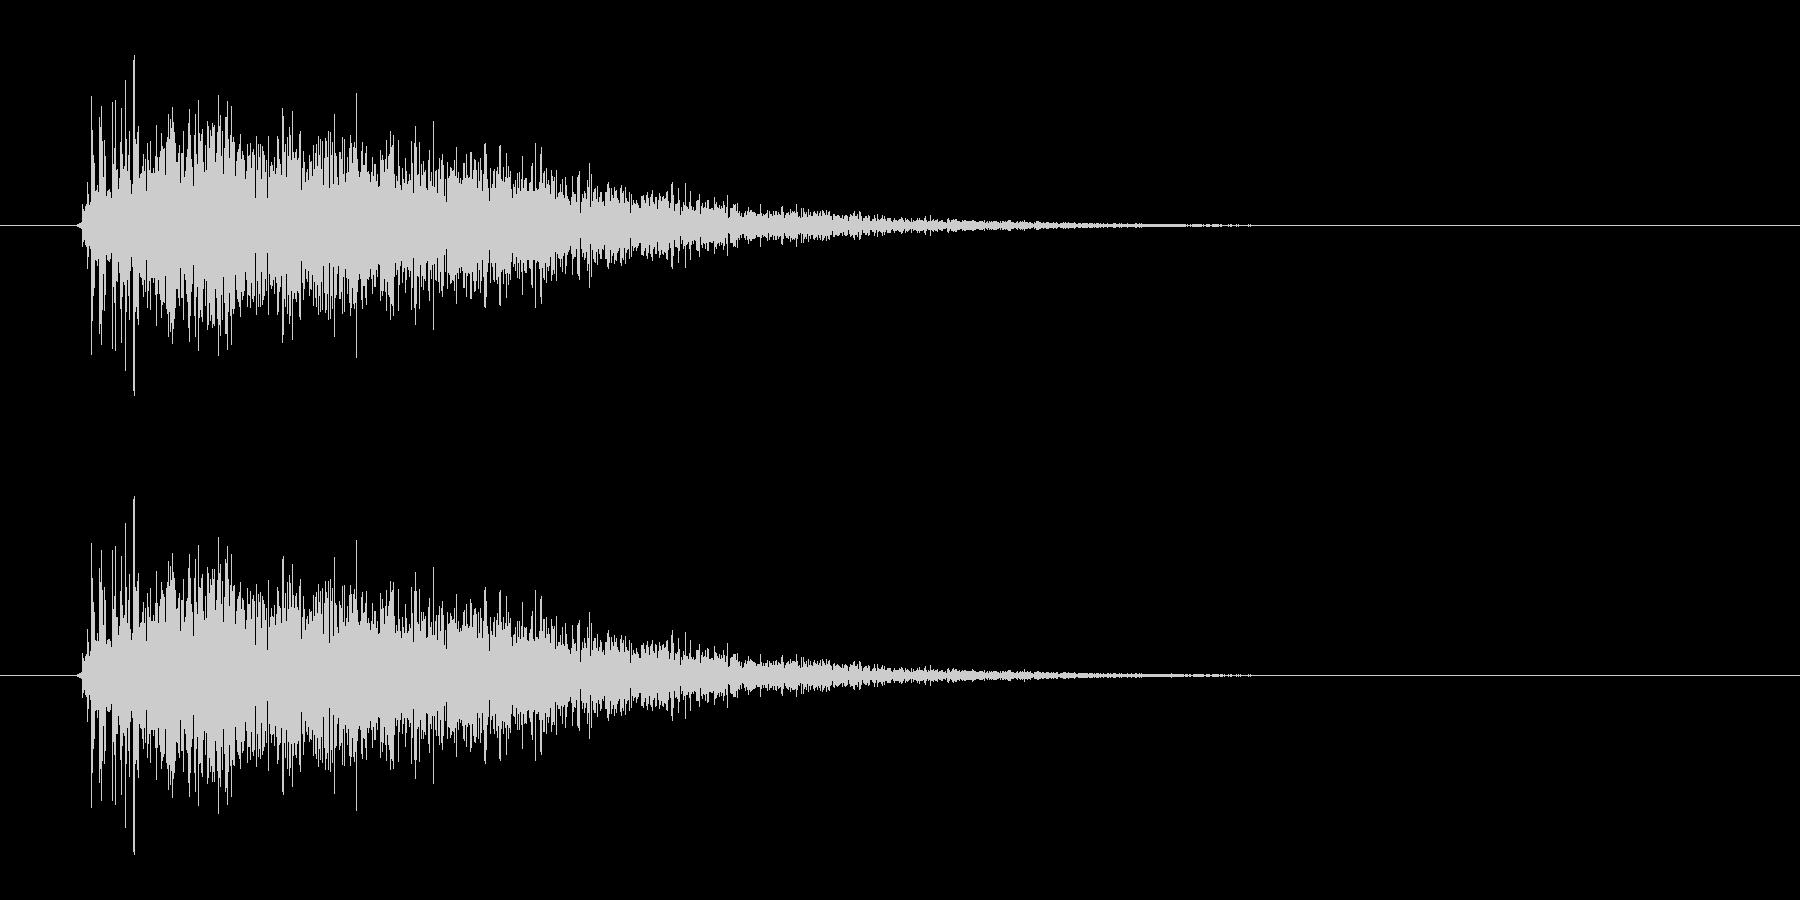 レーザー音-12-3の未再生の波形